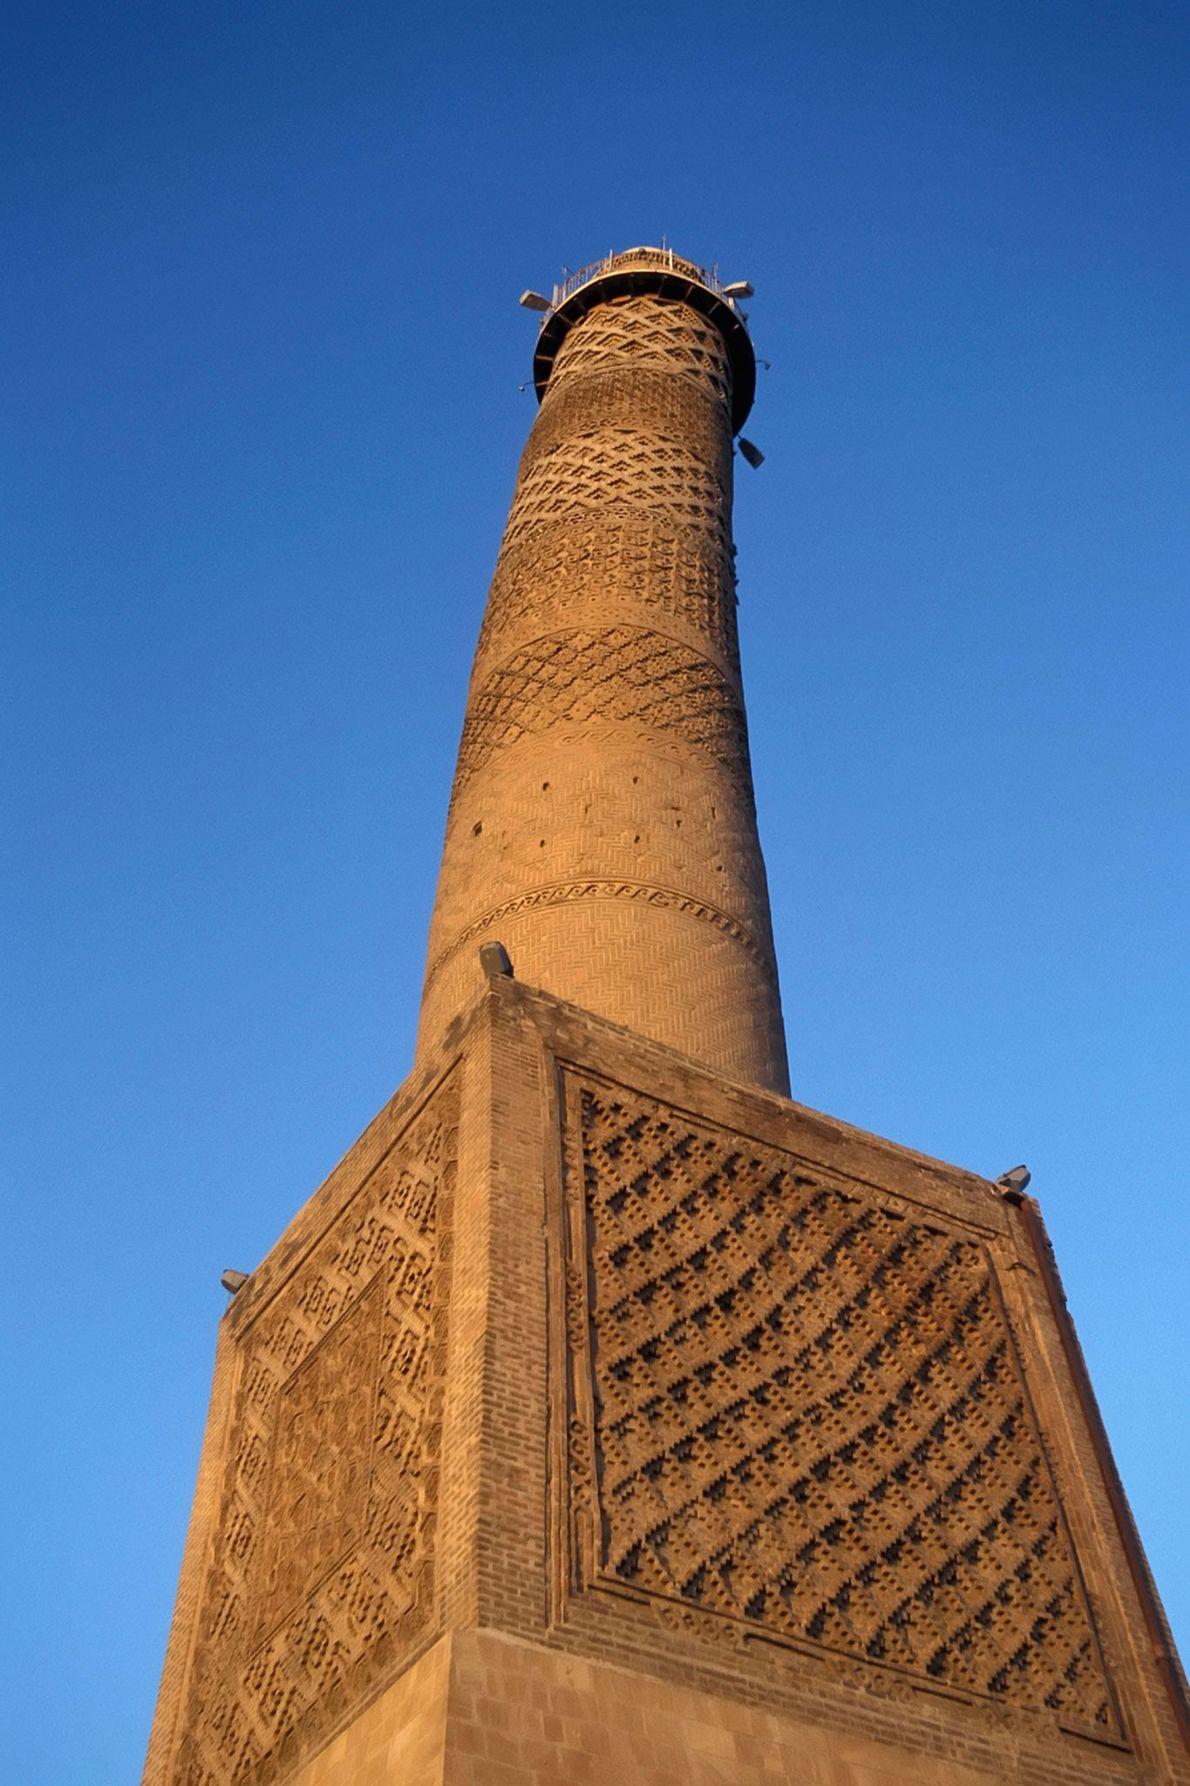 Minarete de Al-Hadba' Minaret, Irak